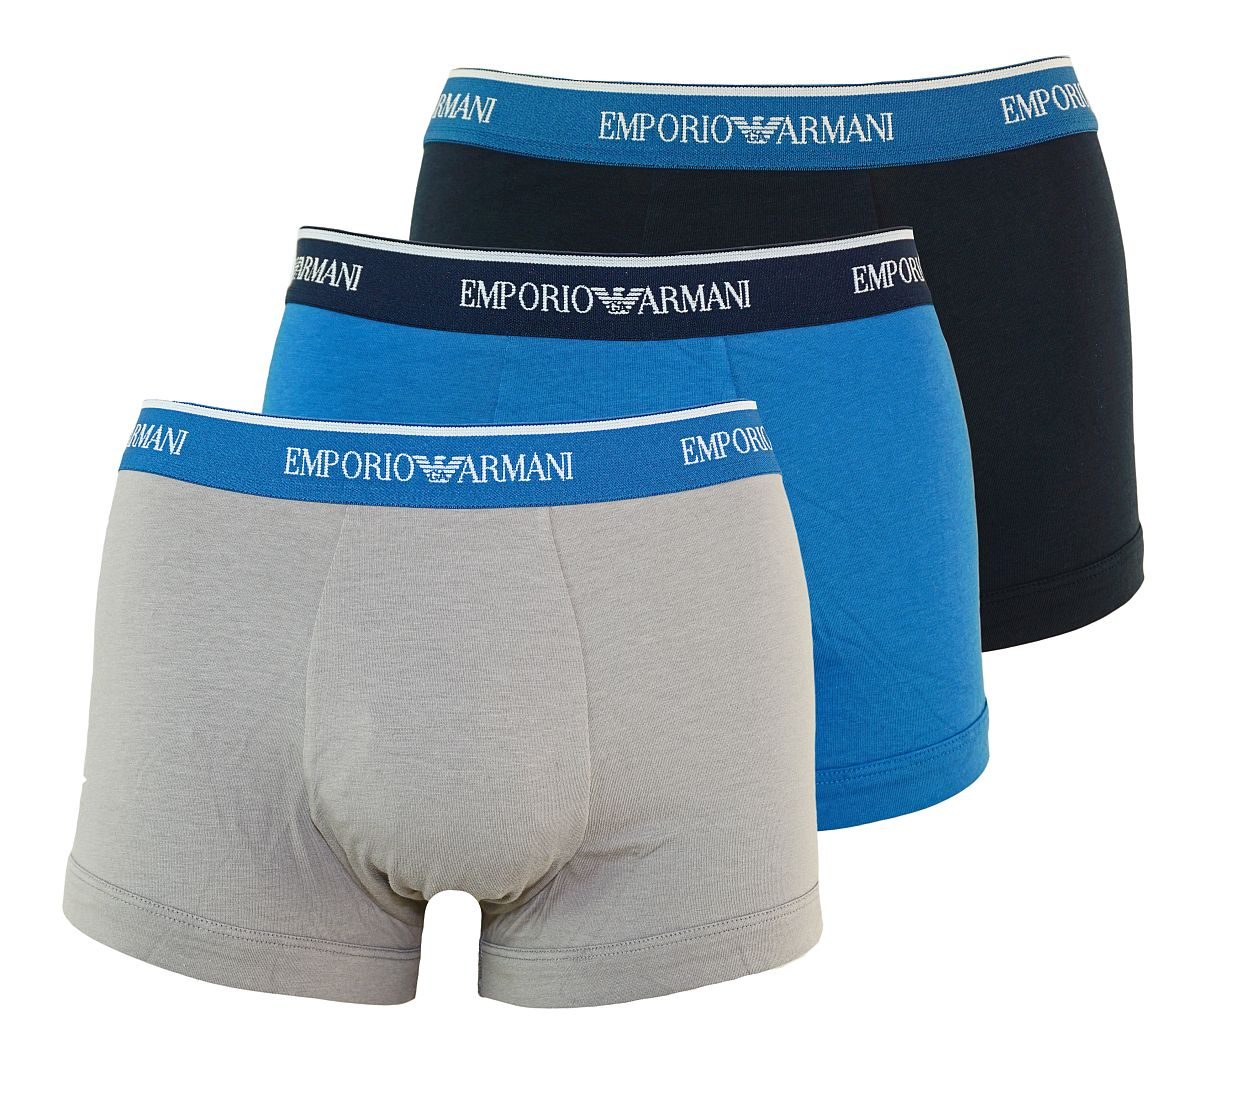 Emporio Armani 3er Pack Trunk Shorts MARINE/FERRO/LAPIS 111357 7P717 39935 WF17-EAT1